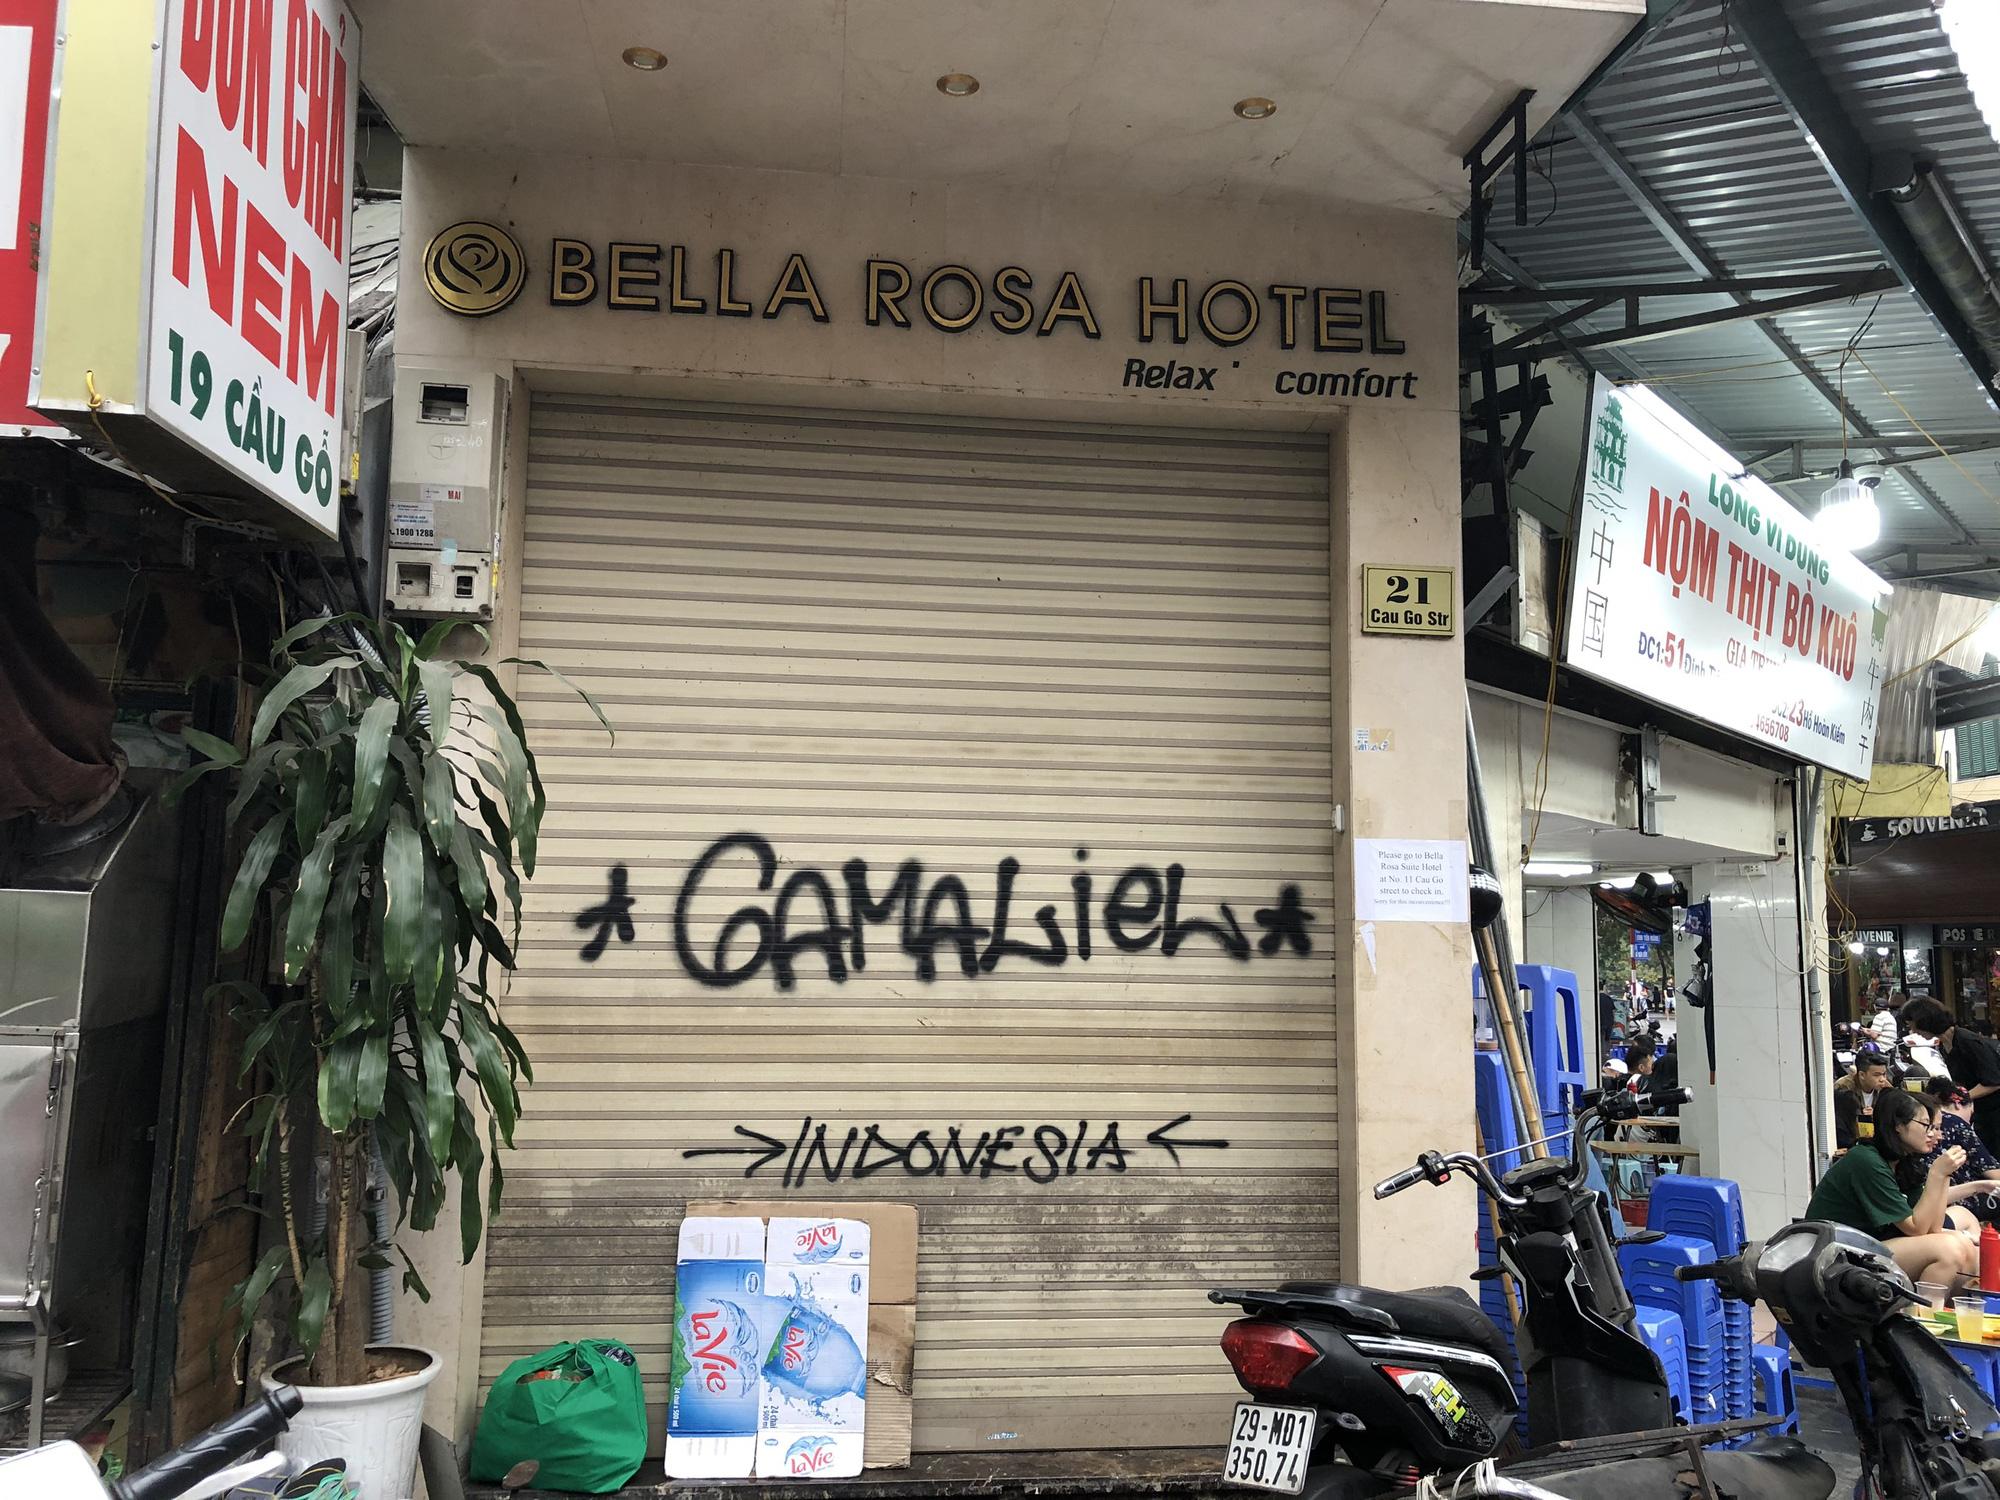 Hàng loạt khách sạn phố cổ Hà Nội đóng cửa, nhiều nơi giảm giá đến 60% để hút khách giữa mùa dịch virus corona - Ảnh 5.